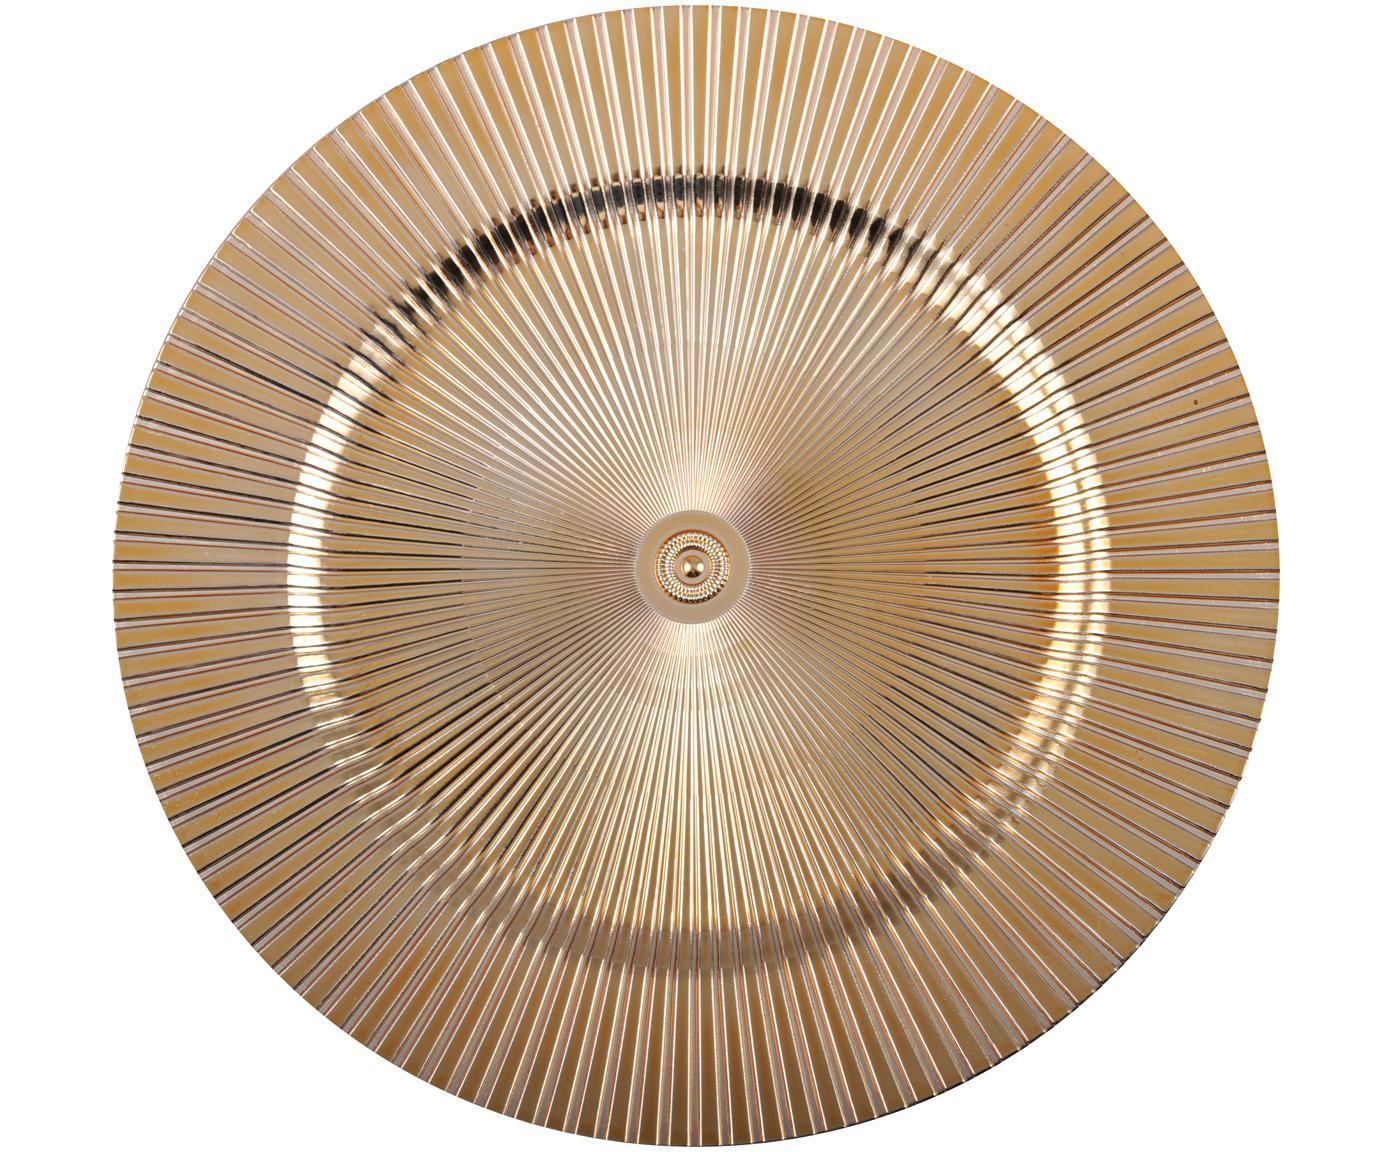 Onderbord Elegance goudkleurig en met groeven, Kunststof, Goudkleurig, Ø 31 cm